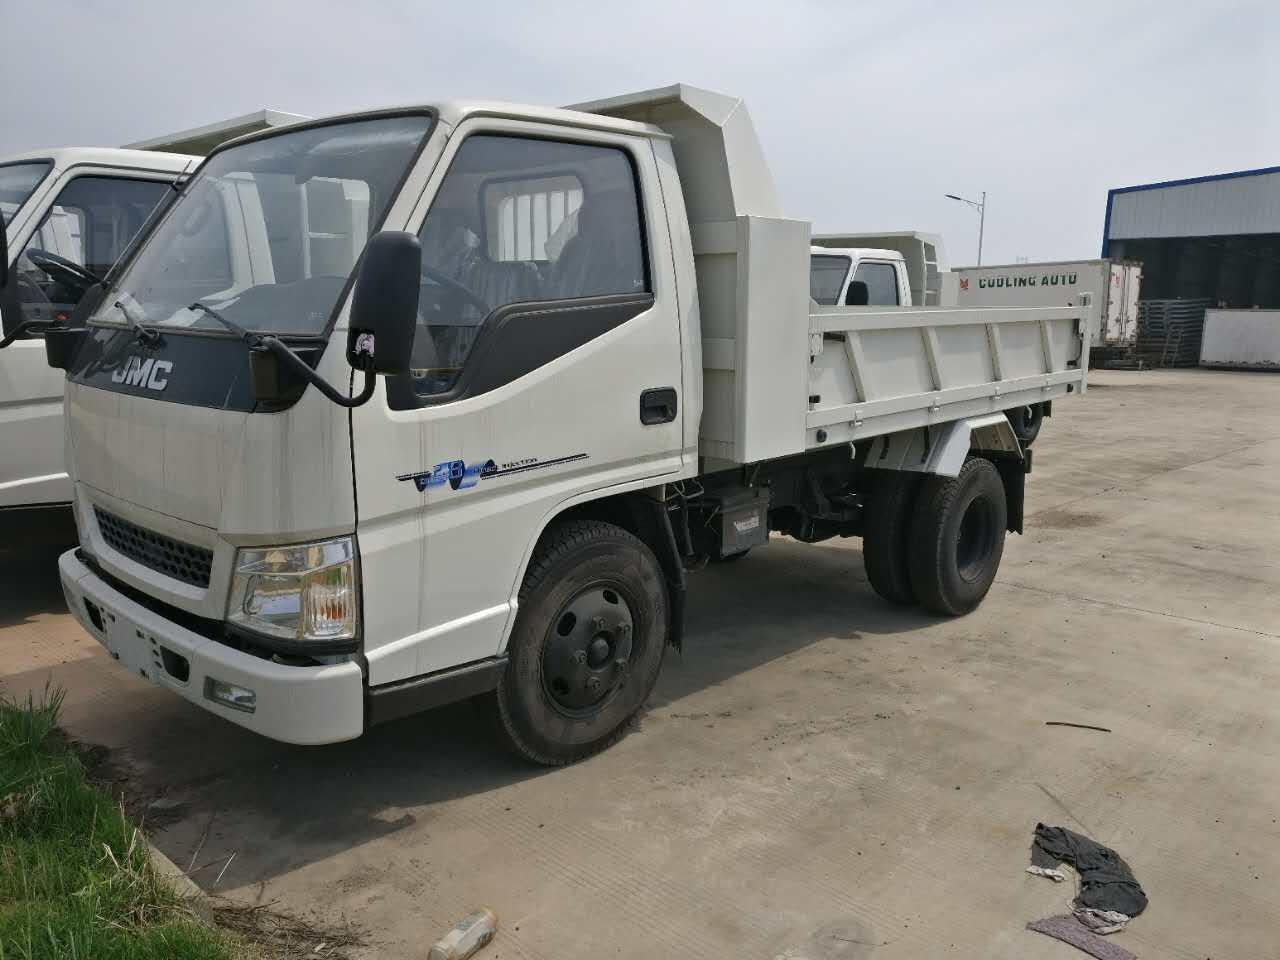 Yabo24新顺达2800轴距单排自卸汽车